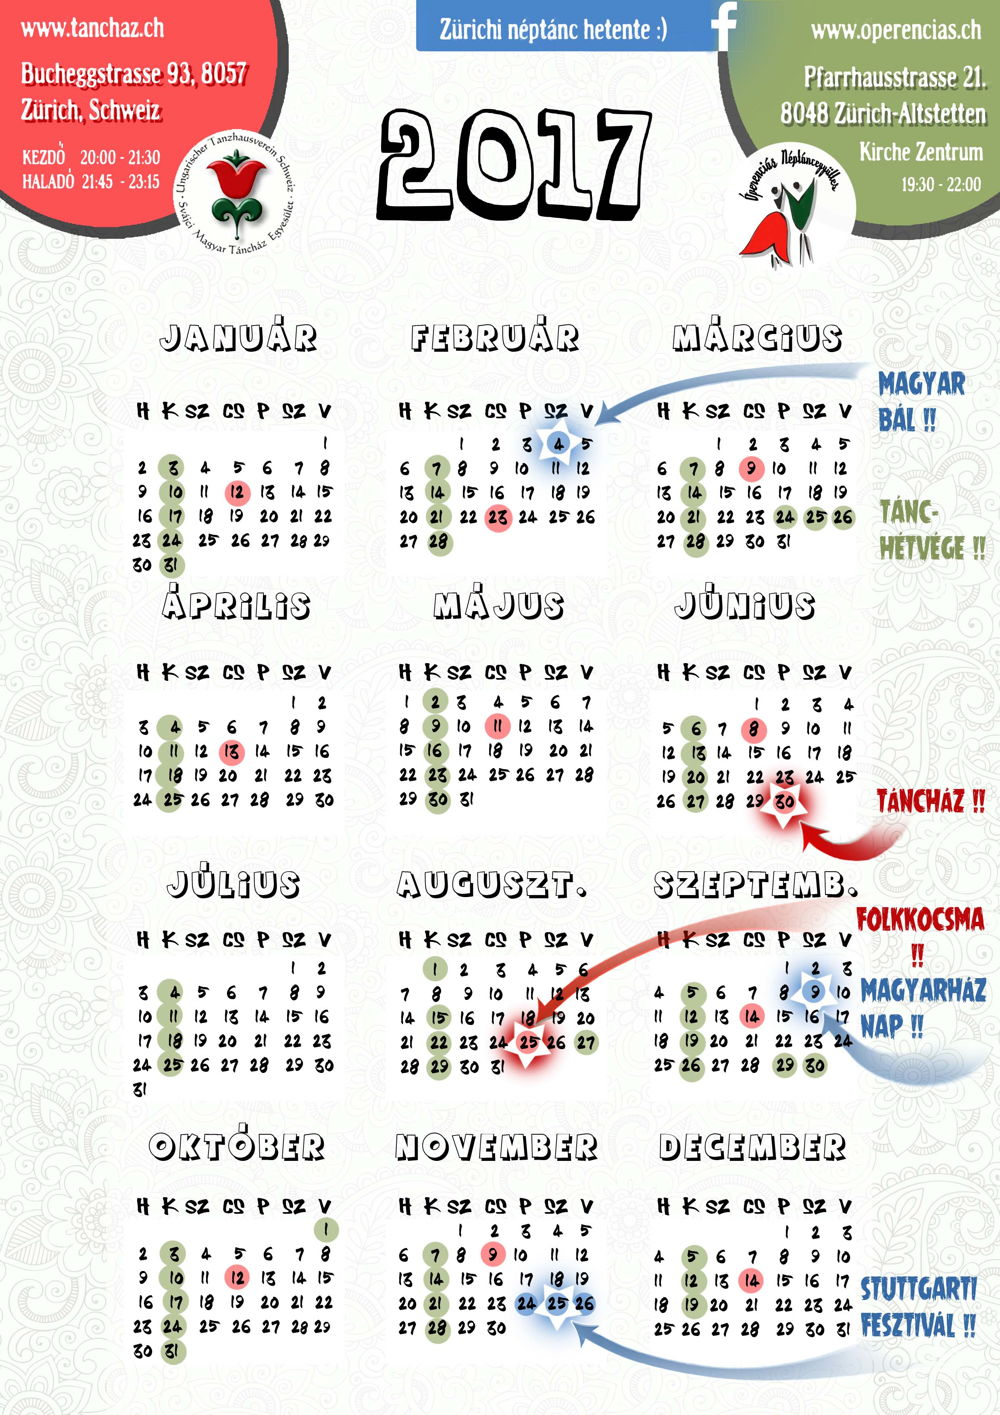 Néptáncos időpontok 2017 II. félévében